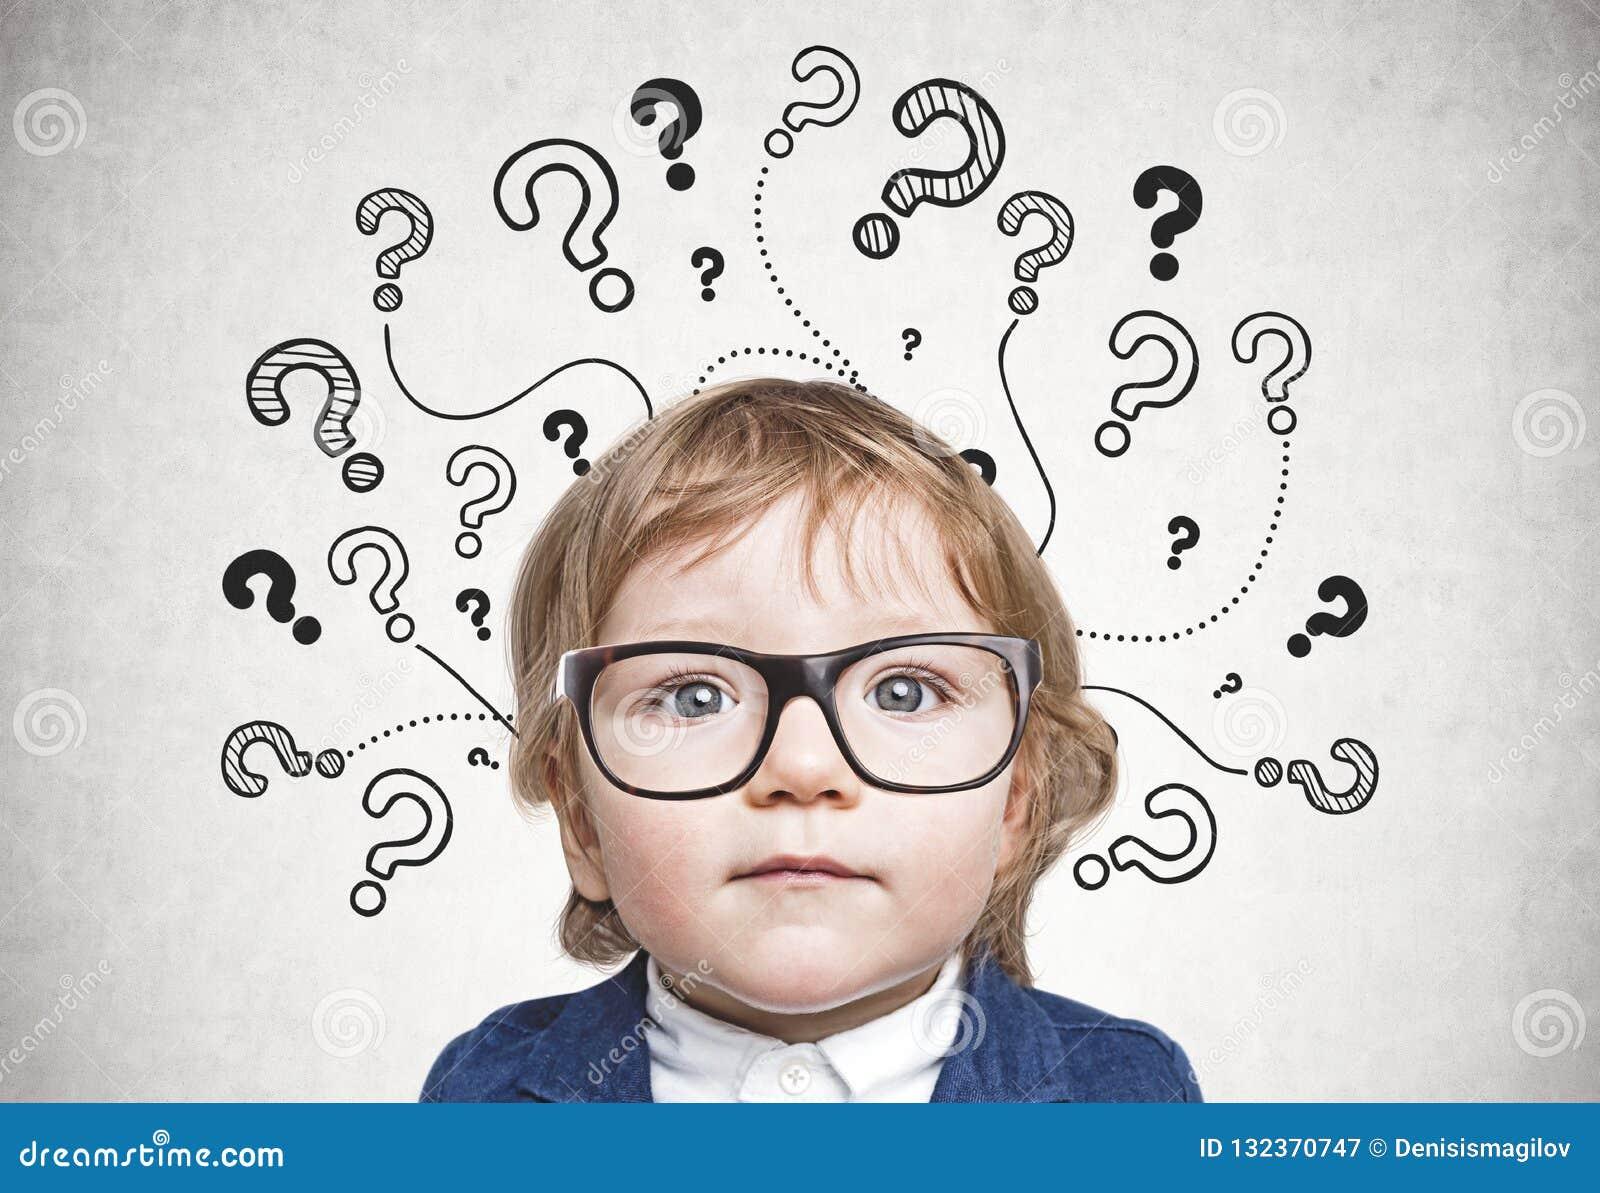 Χαριτωμένο μικρό παιδί στα γυαλιά, ερωτηματικό